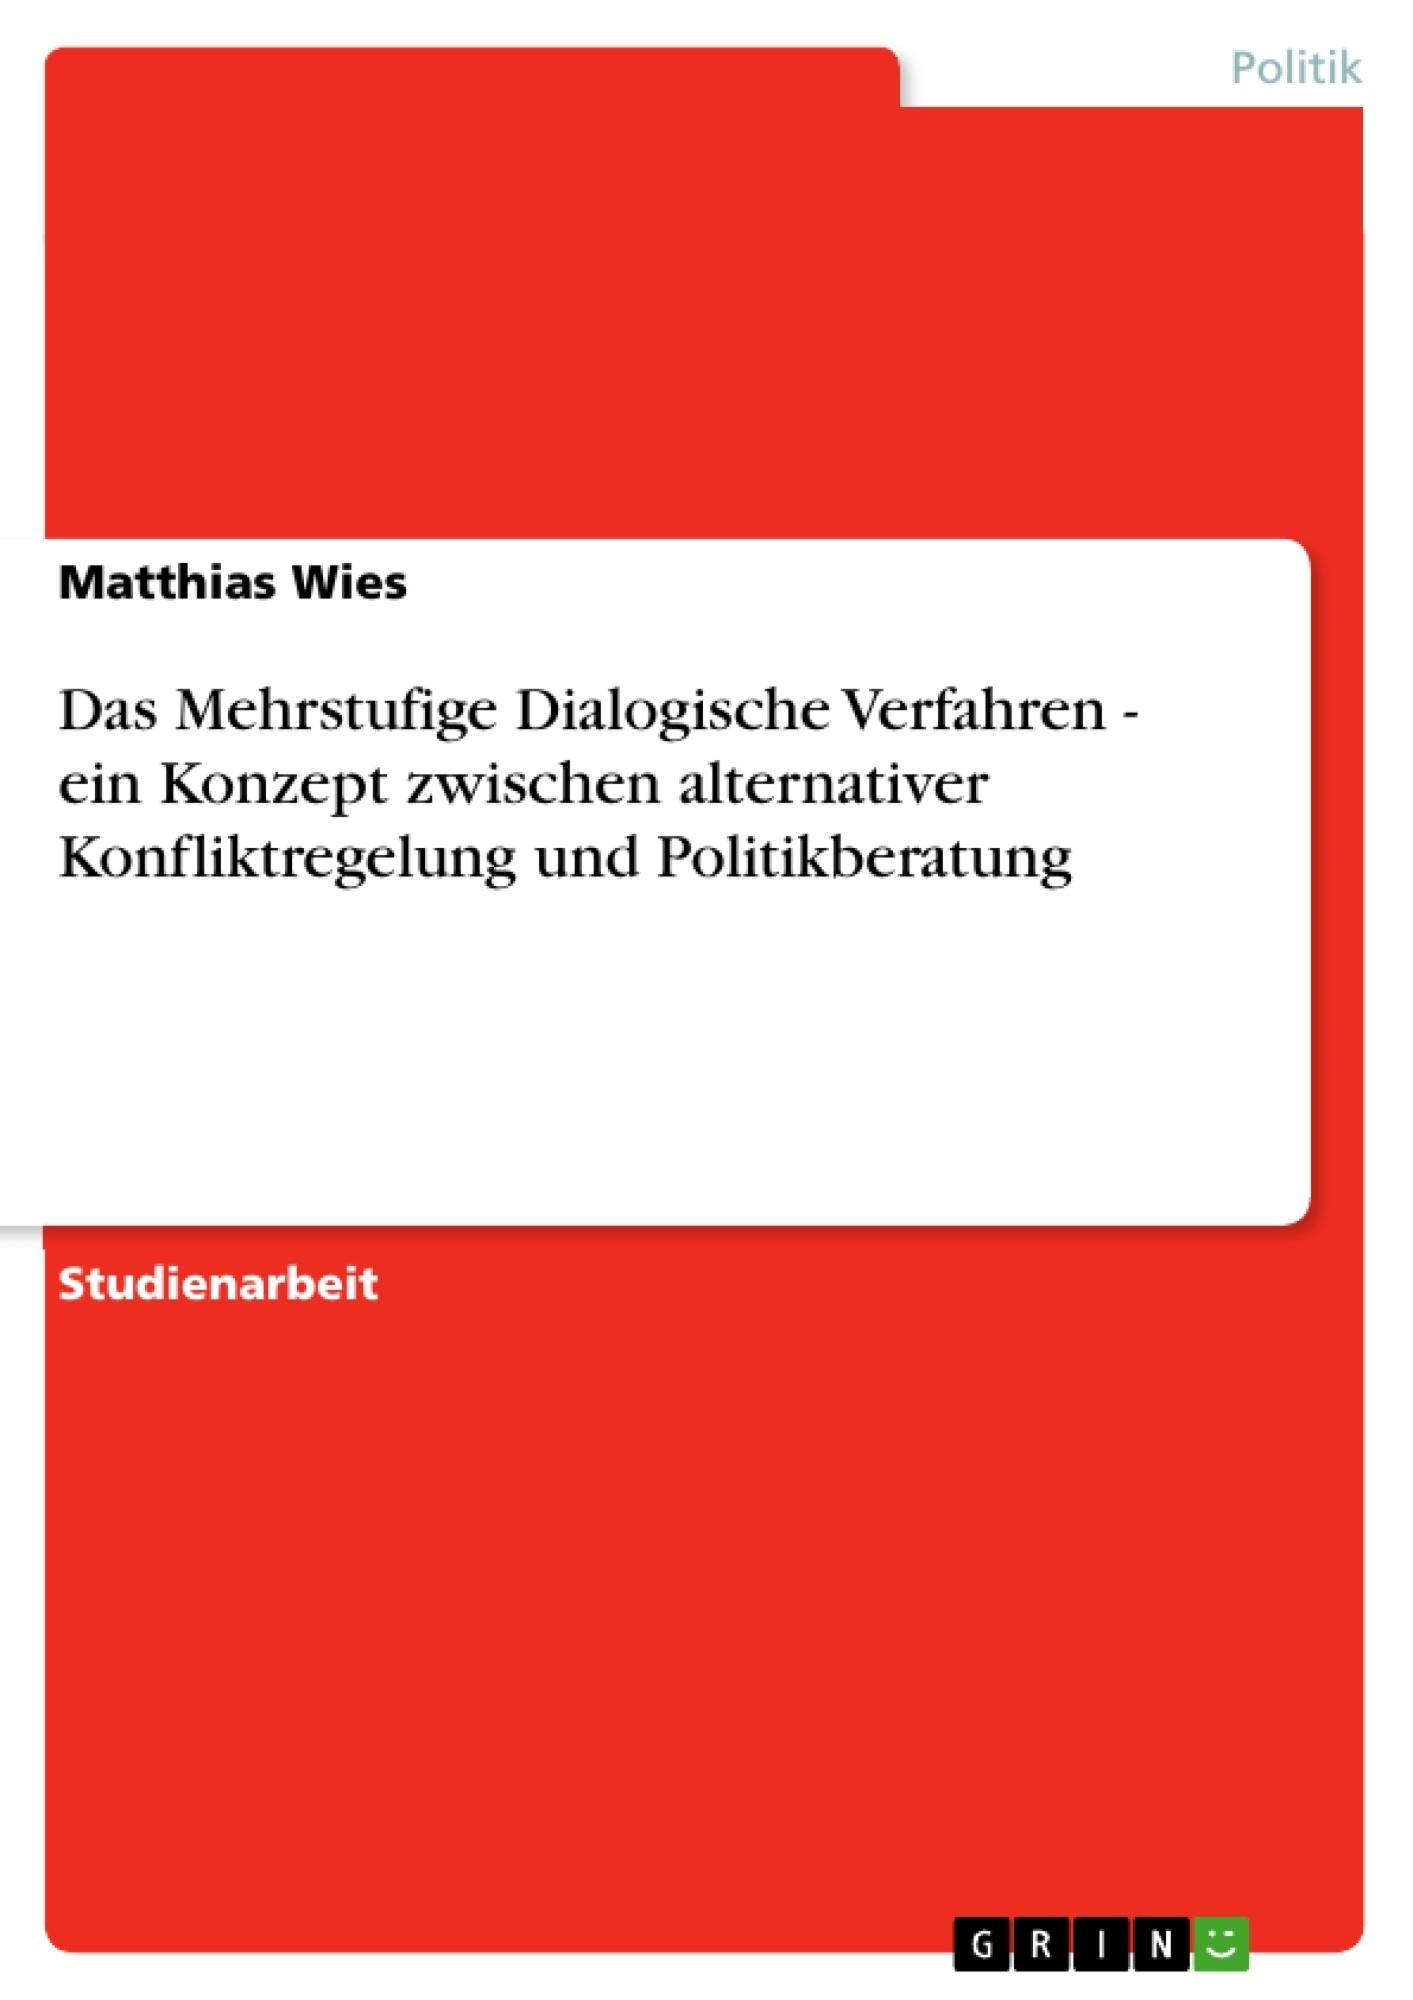 Titel: Das Mehrstufige Dialogische Verfahren - ein Konzept zwischen alternativer Konfliktregelung und Politikberatung